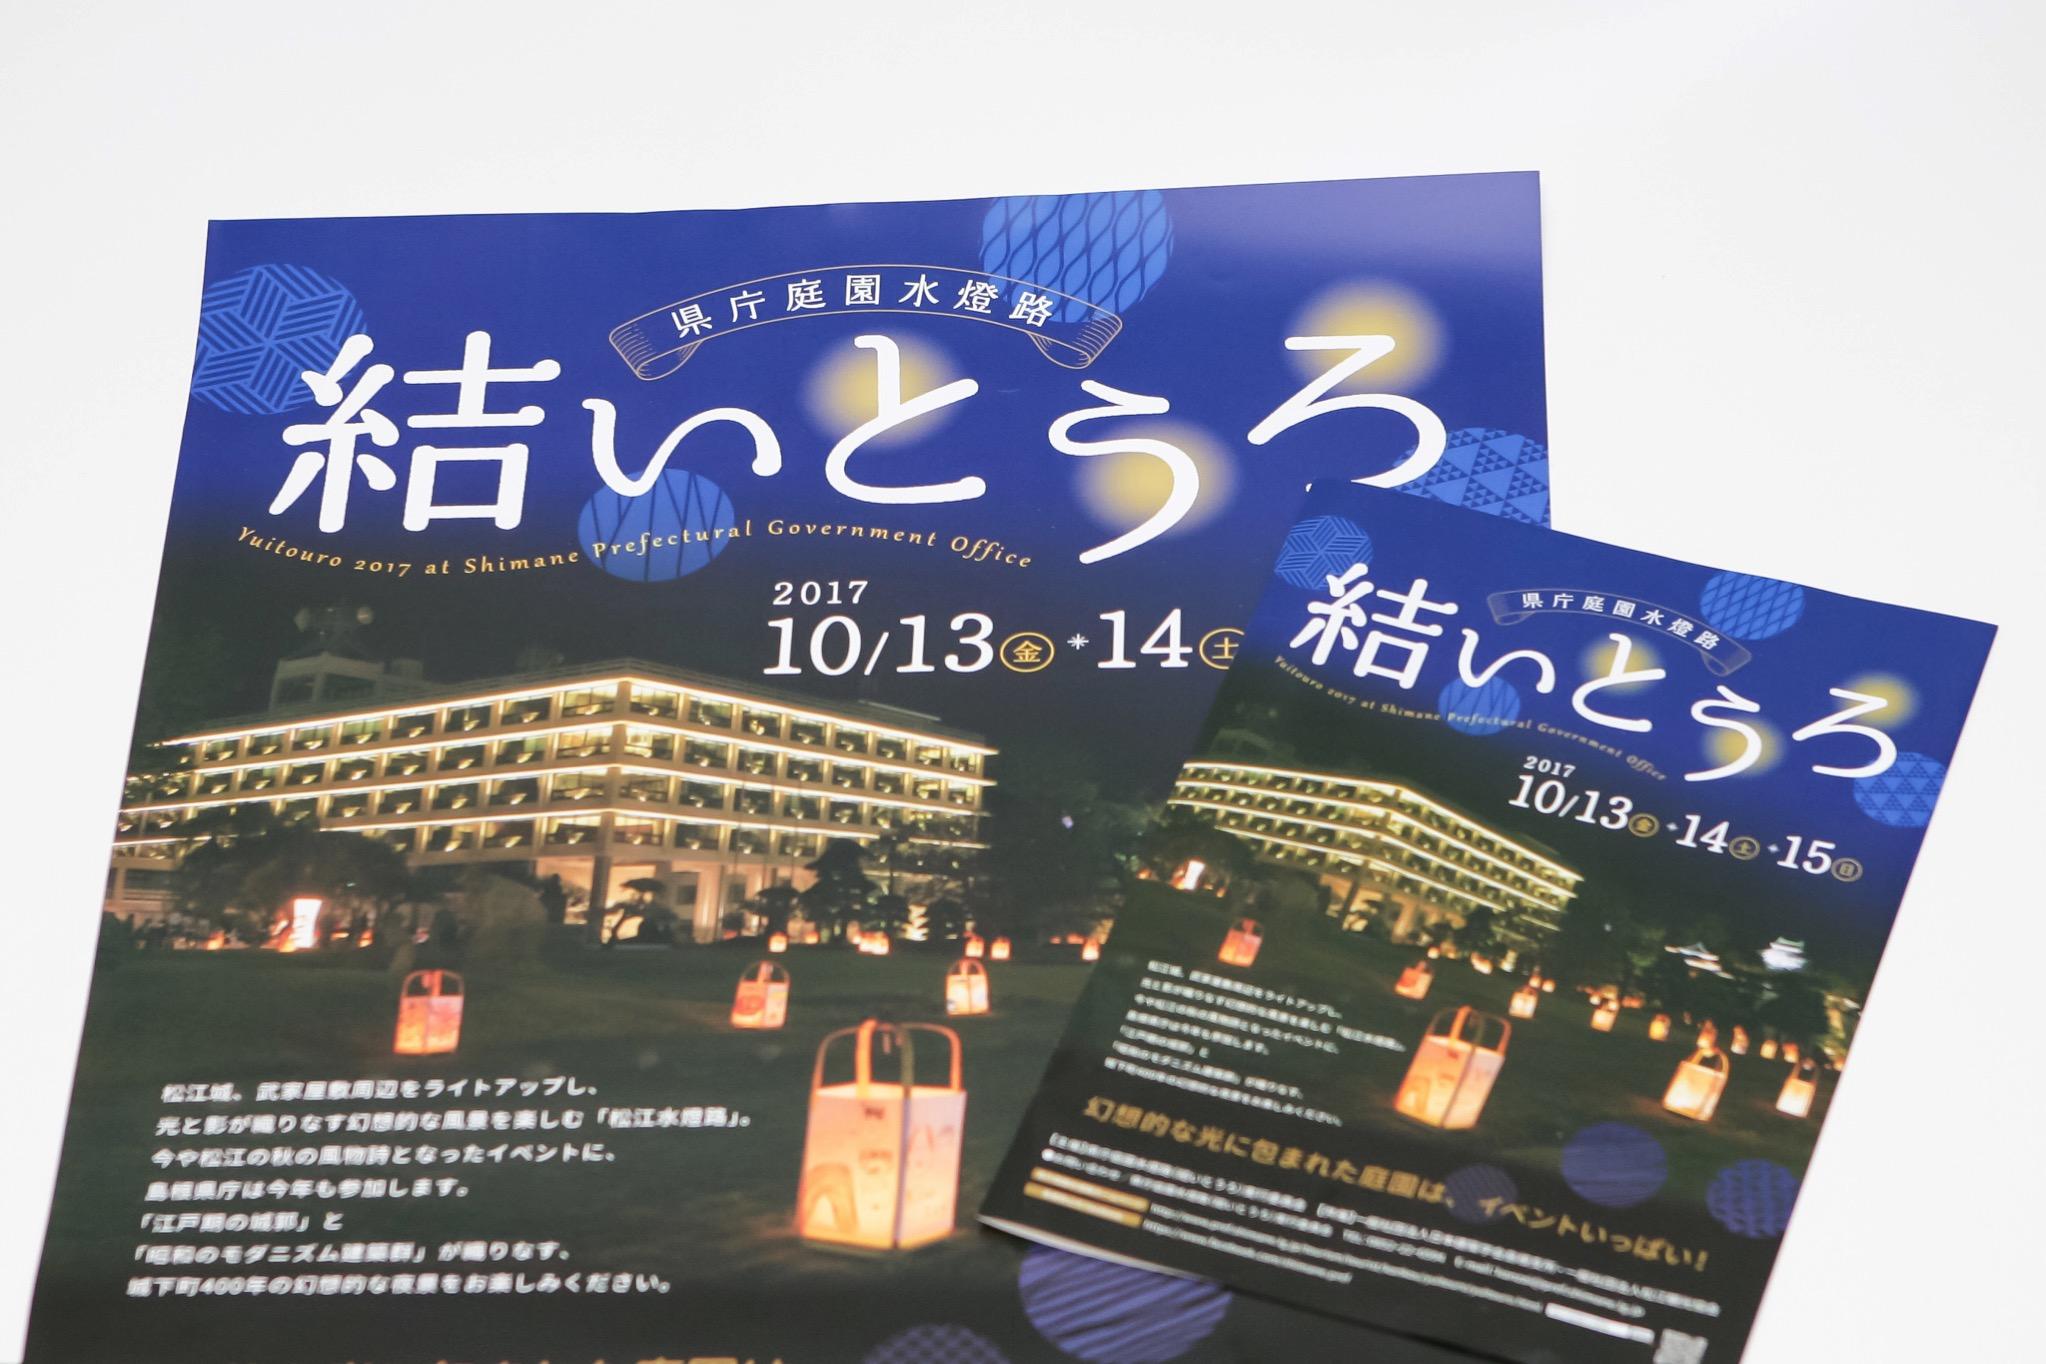 島根県庁水燈路〜結いとうろ〜2017 ポスター・フライヤー